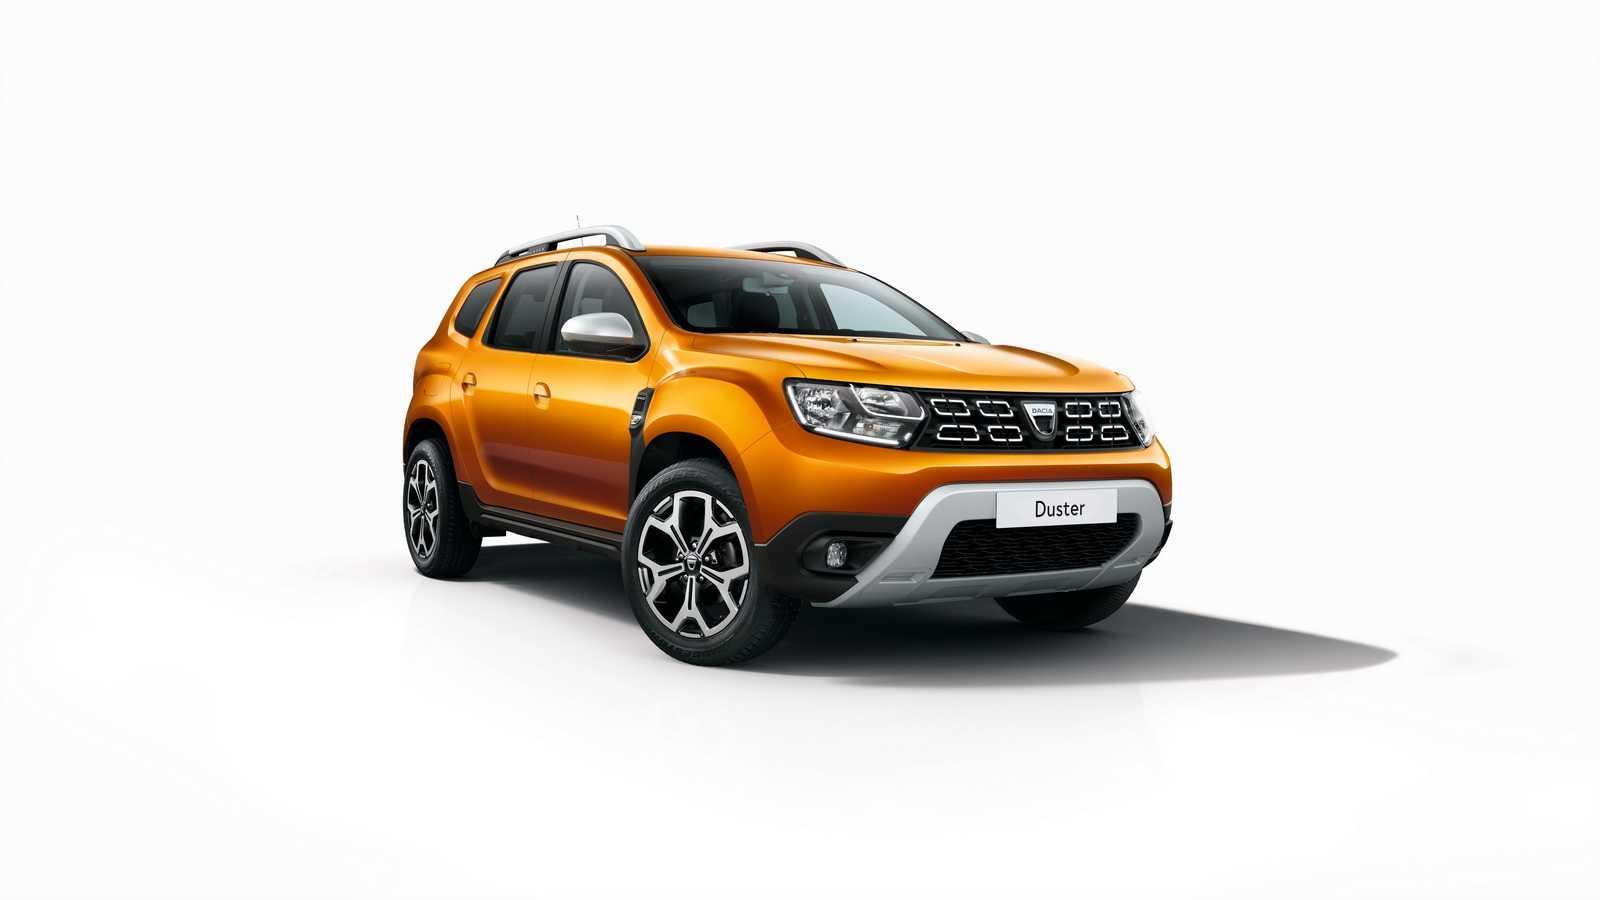 Dacia Renault Presentó La Nueva Generación Del Duster